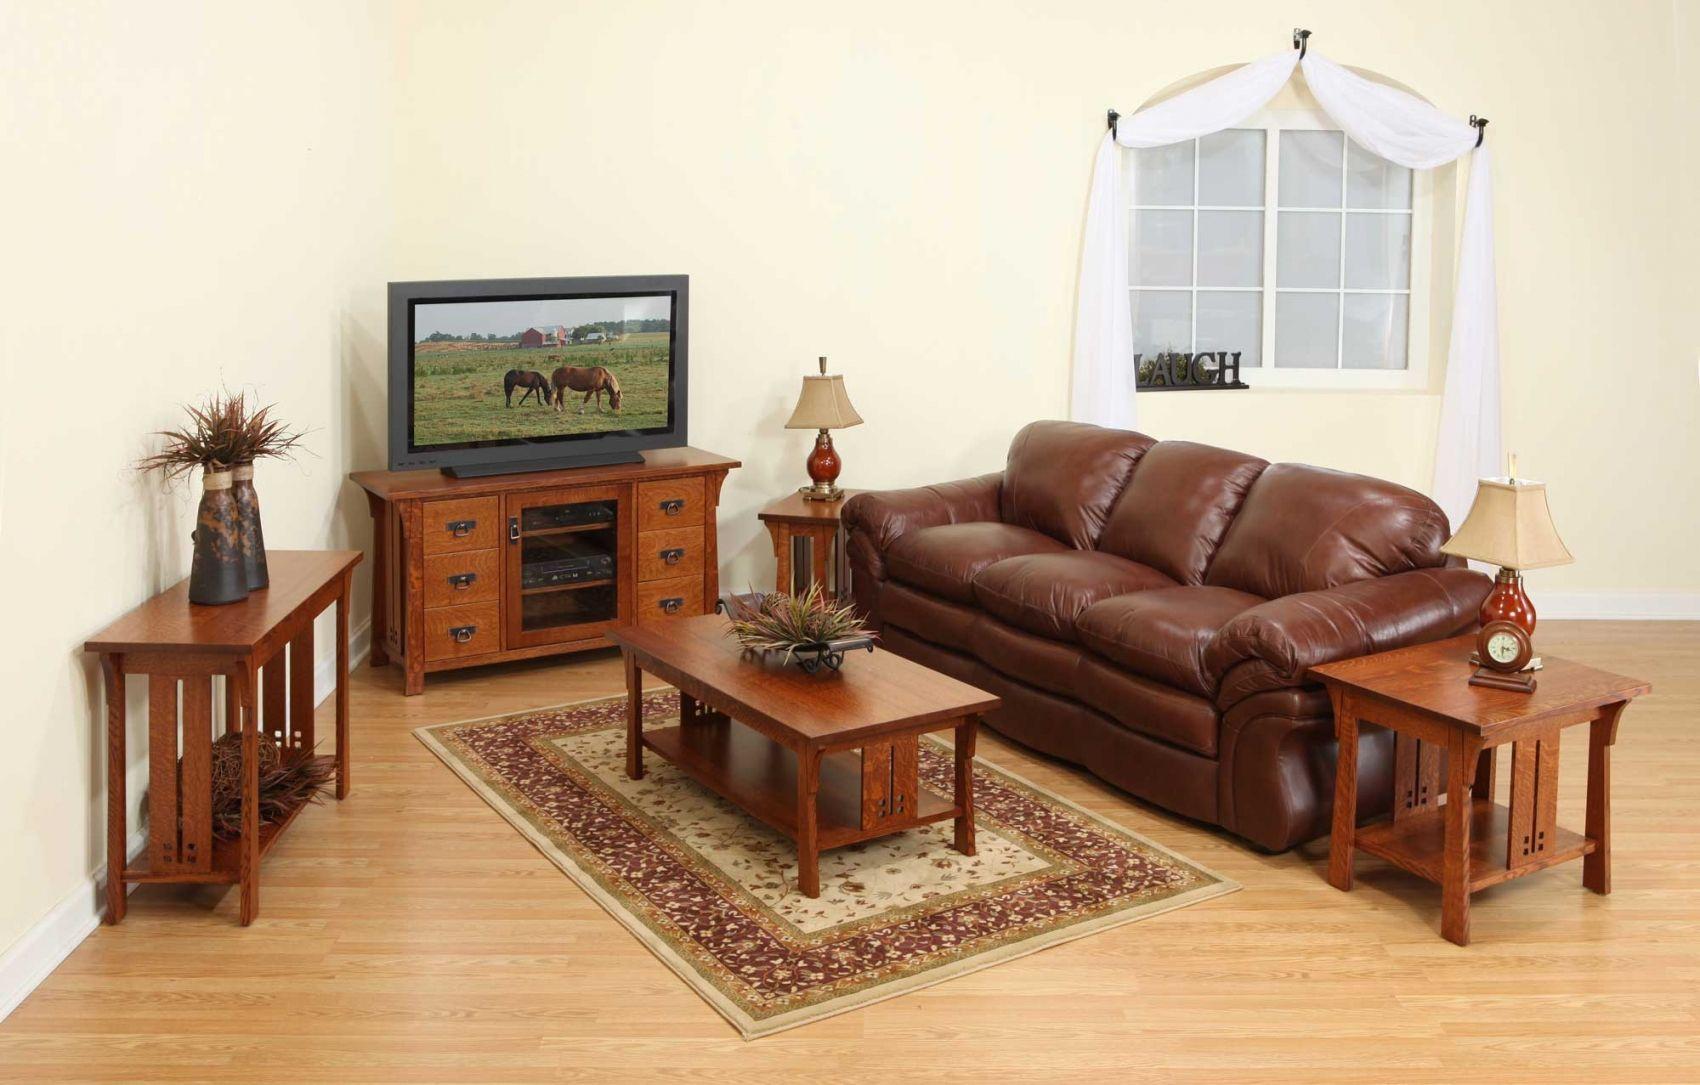 craftsman living room furniture. Craftsman Living Room Furniture L